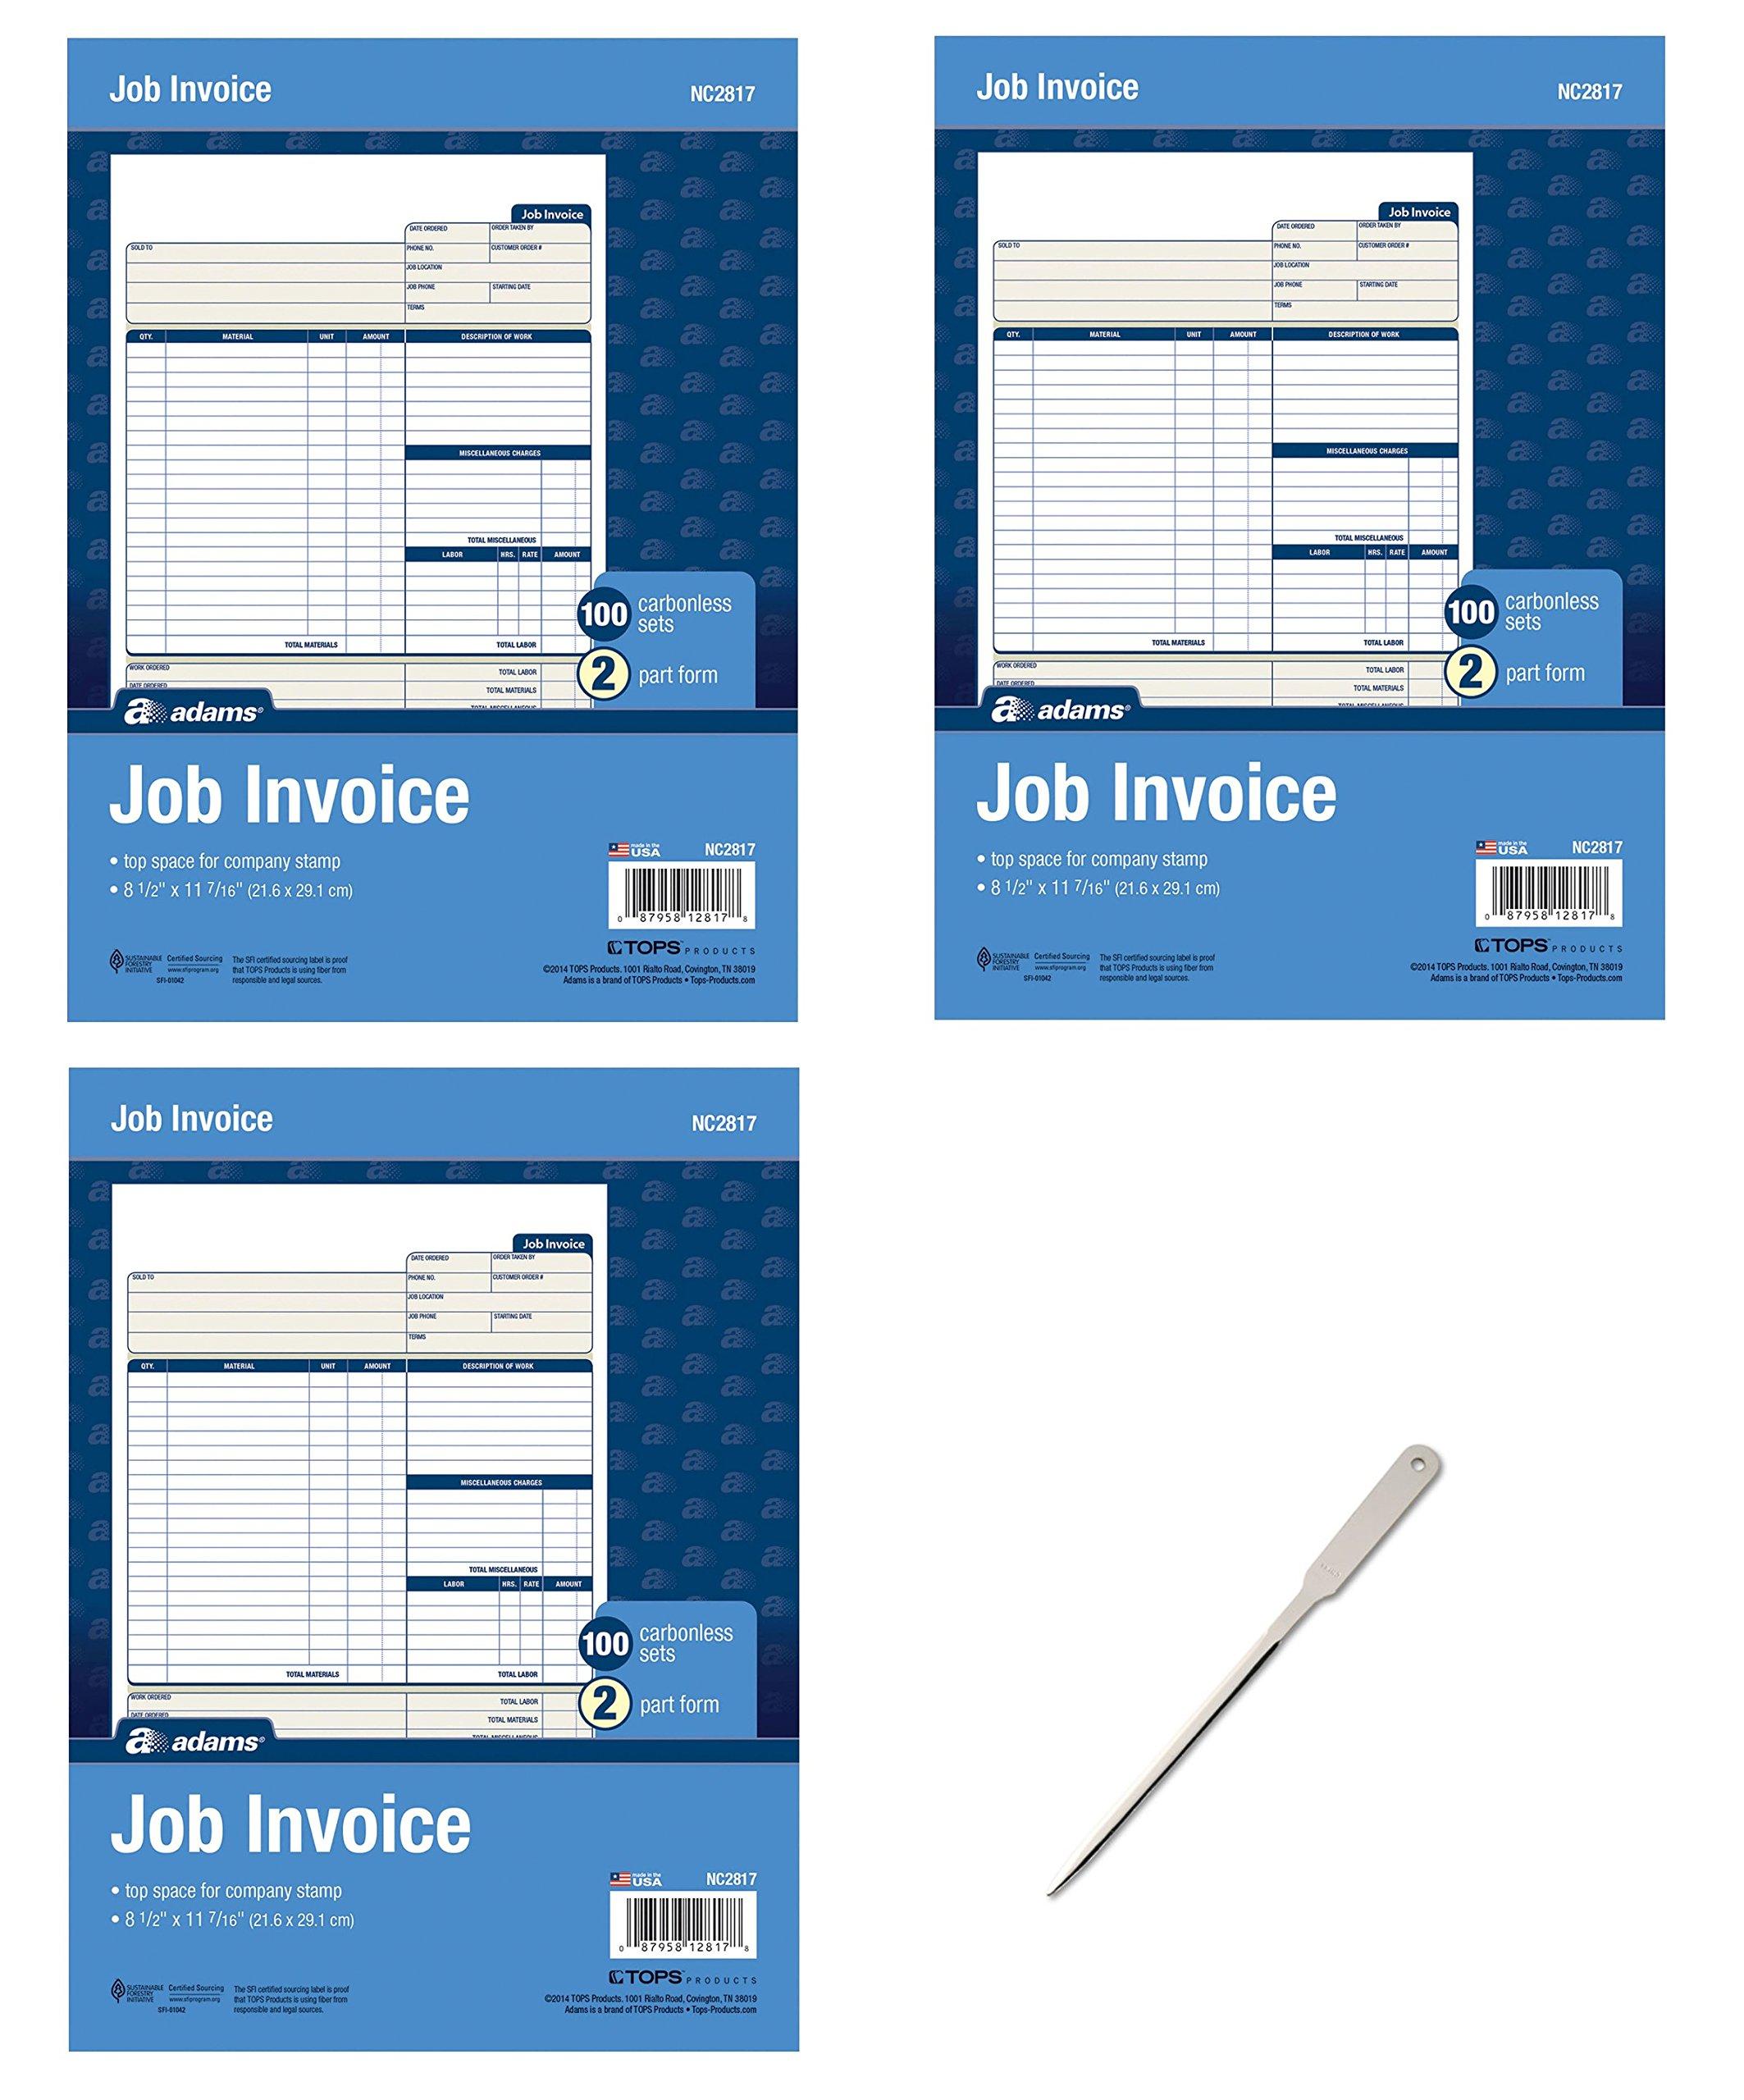 Adams Job Invoice Unit Set, 8.5 x 11.44 inch, 2-Part, Carbonless, 300-Pack, White (NC2817) - Bundle Includes Universal Letter Opener (3 Pack Bundle)